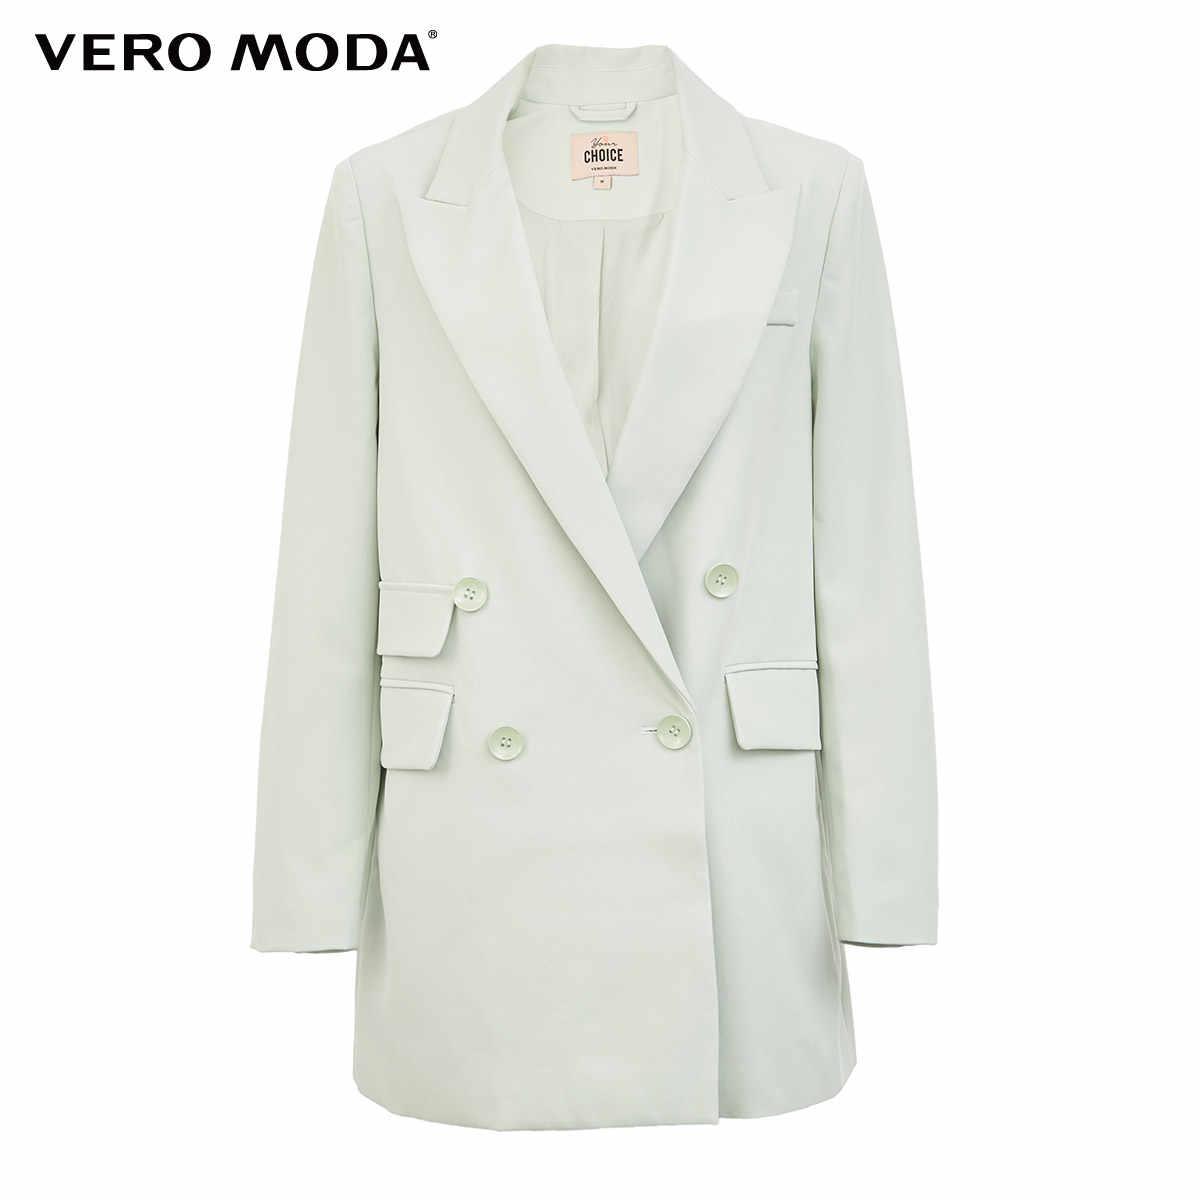 Vero Moda Mới Ins Nữ Phong Cách Hình Chữ H Ve Áo Đôi Ngực Phù Hợp Với Áo Khoác | 319308590